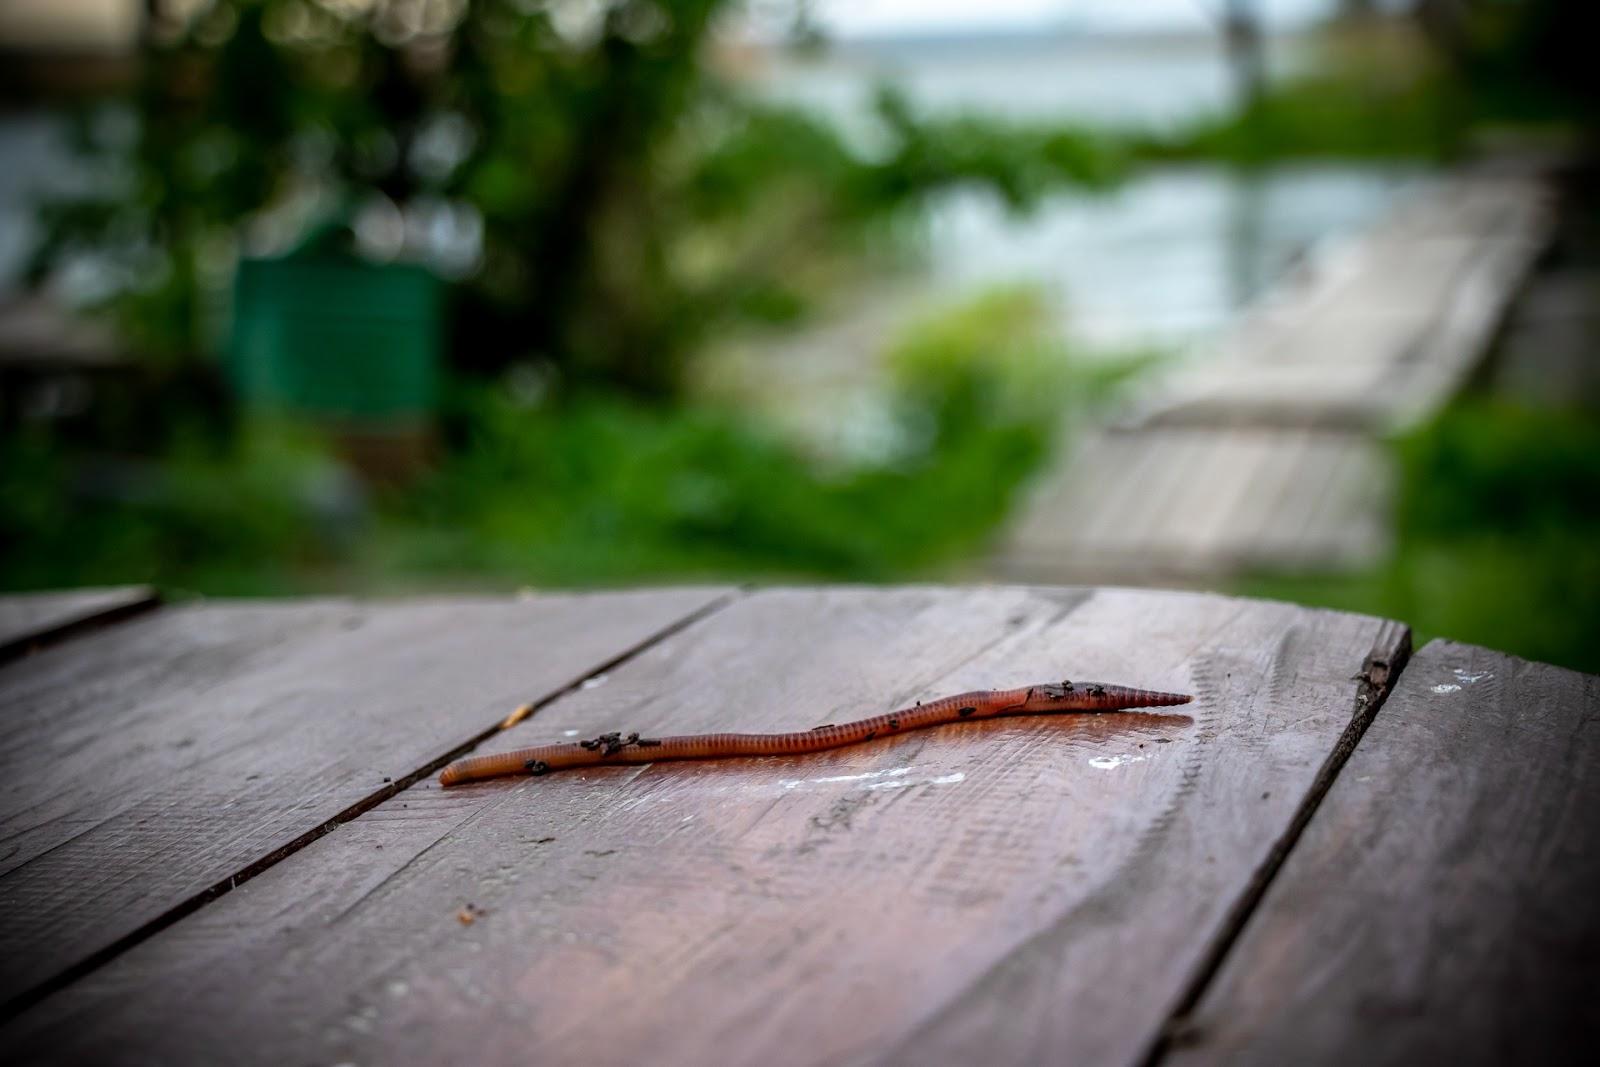 Earthworm microfauna